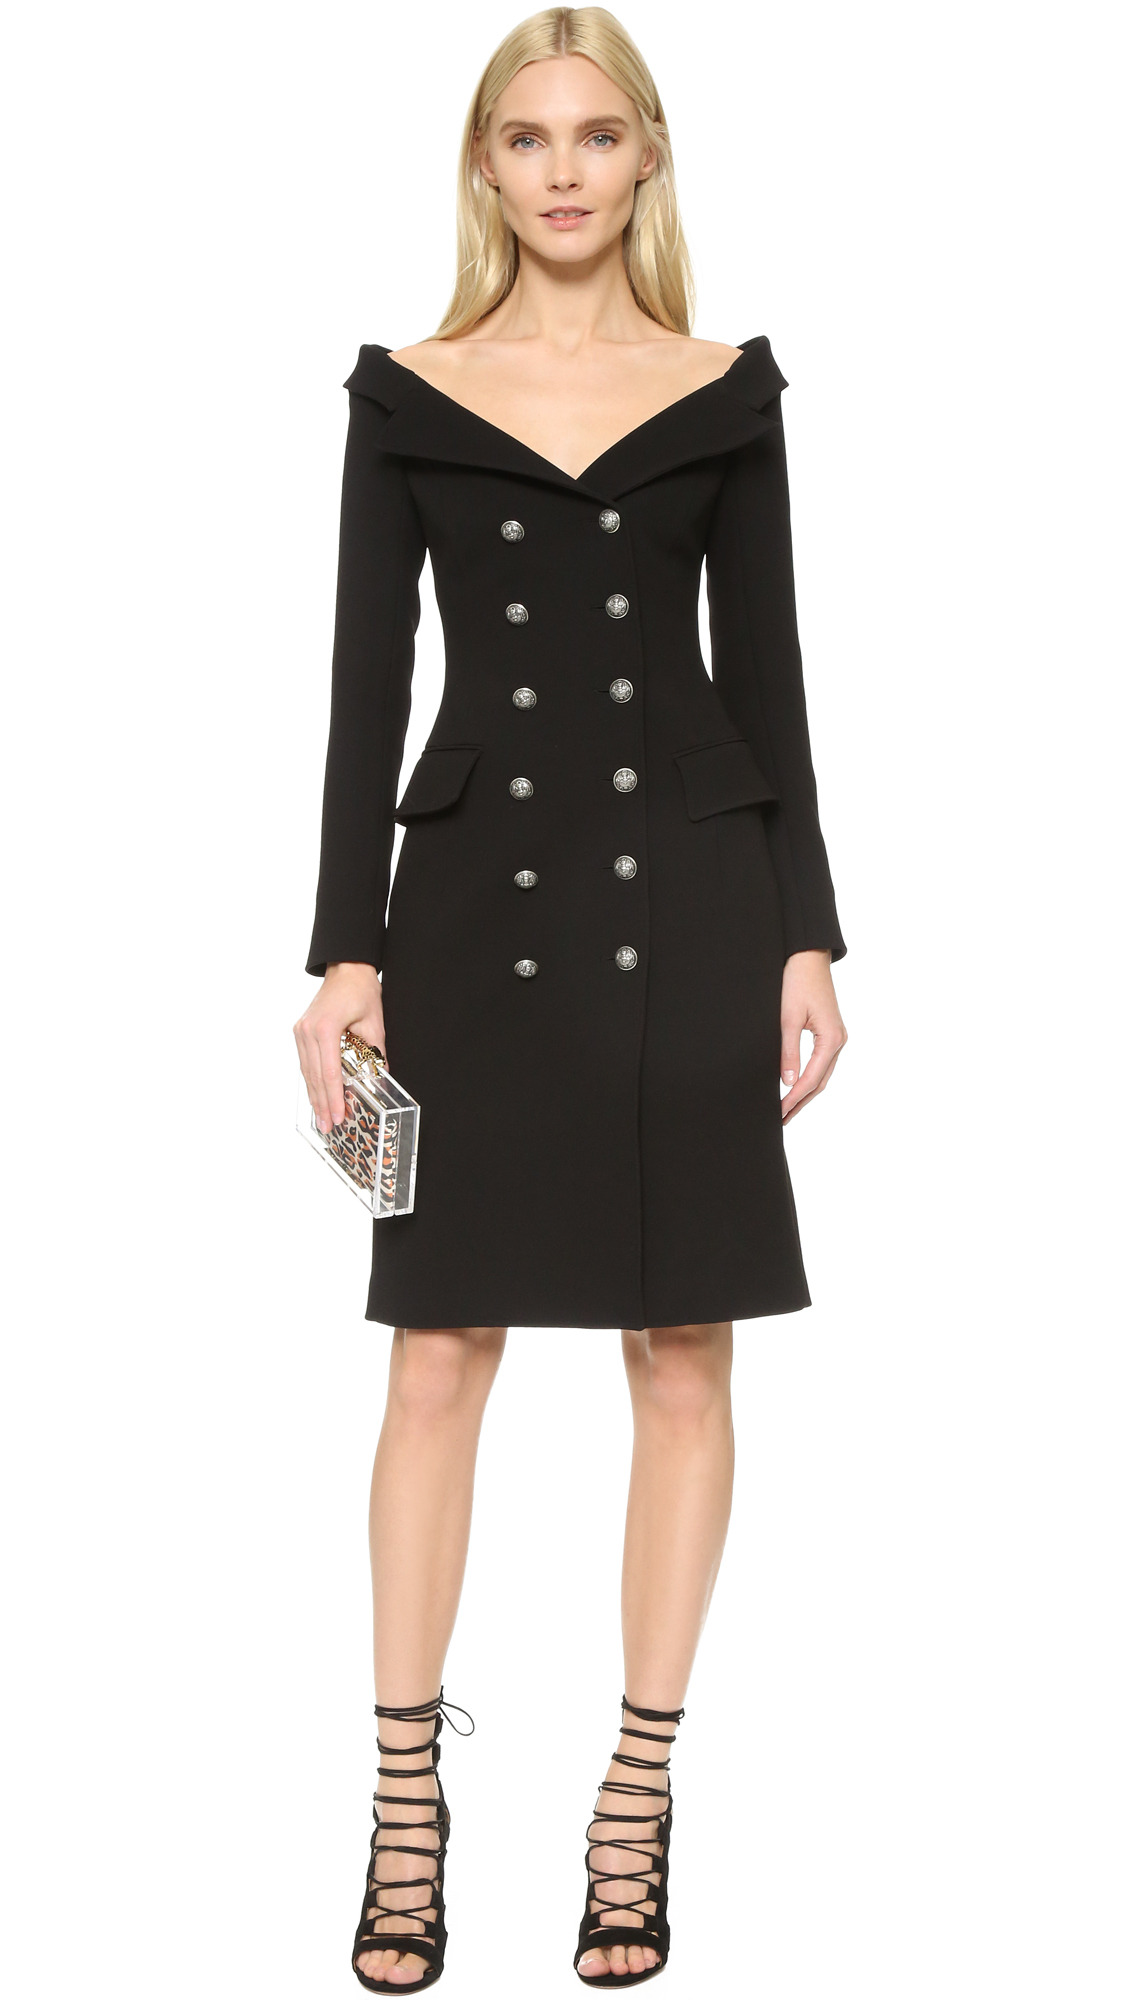 bad07f8f8db4 Faith Connexion Crepe Off Shoulder Blazer Dress in Black - Lyst